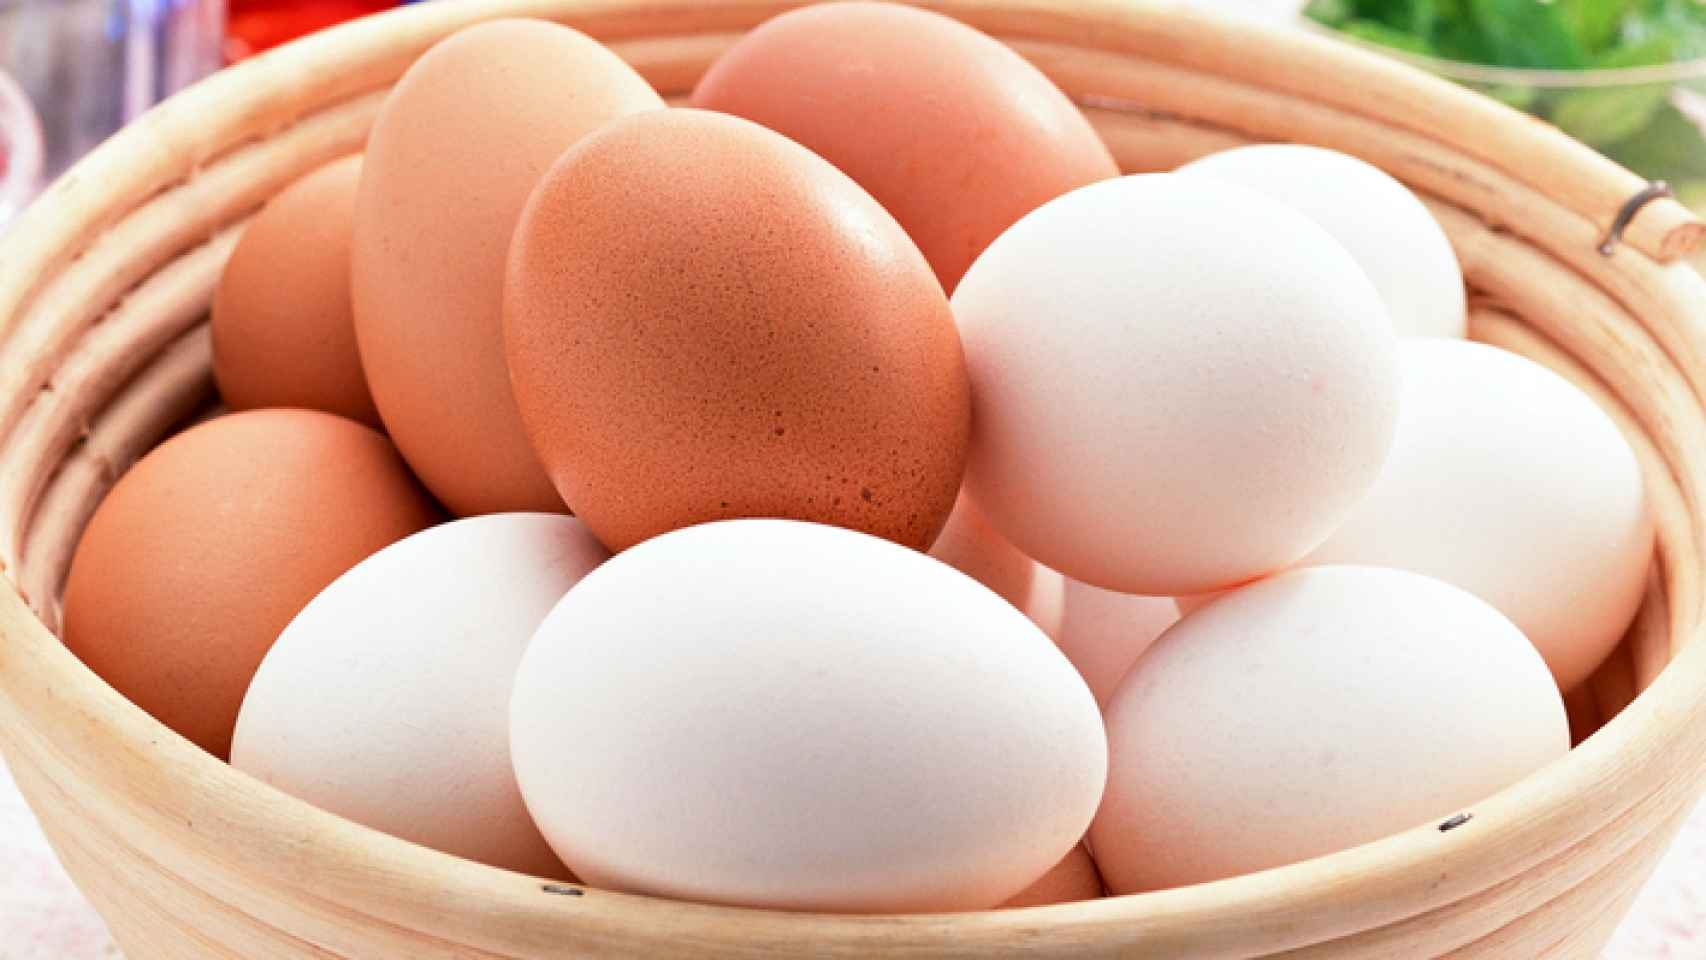 huevos blancos marrones